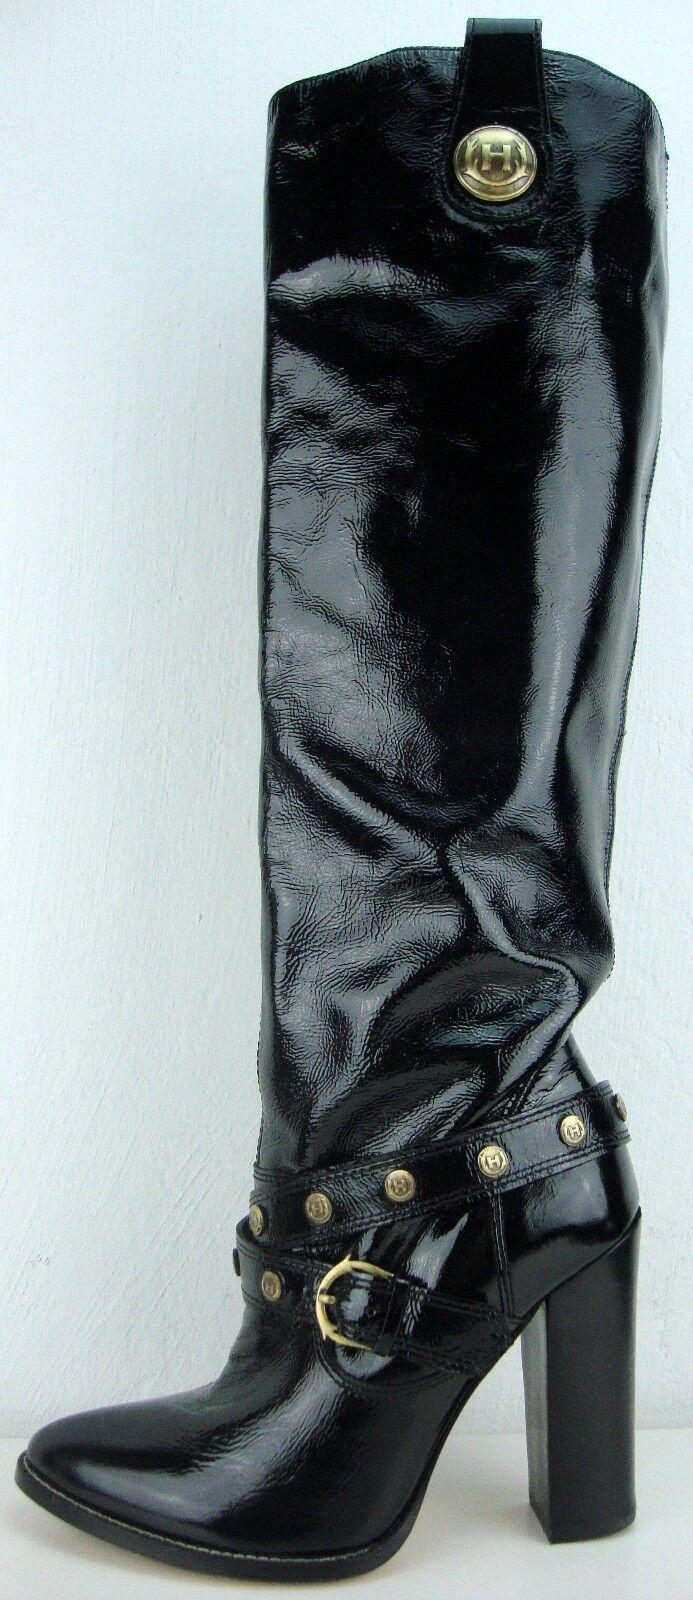 Hunter señora cuero rodilla botas altas cuero genuino charol óptica botas negro nuevo